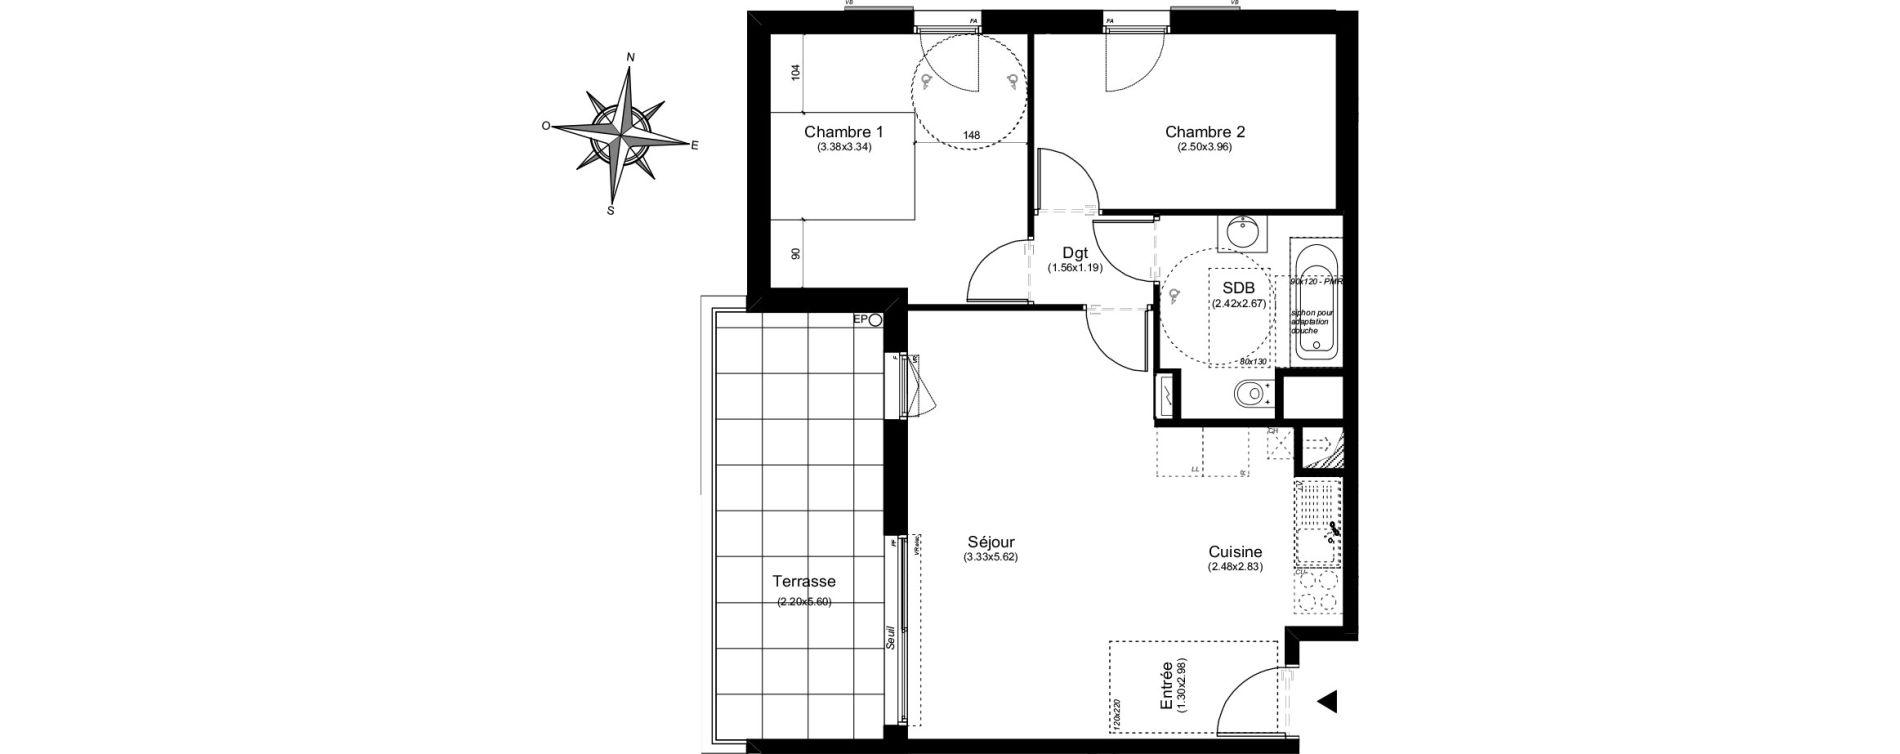 Appartement T3 de 55,35 m2 à Aix-En-Provence Puyricard - couteron